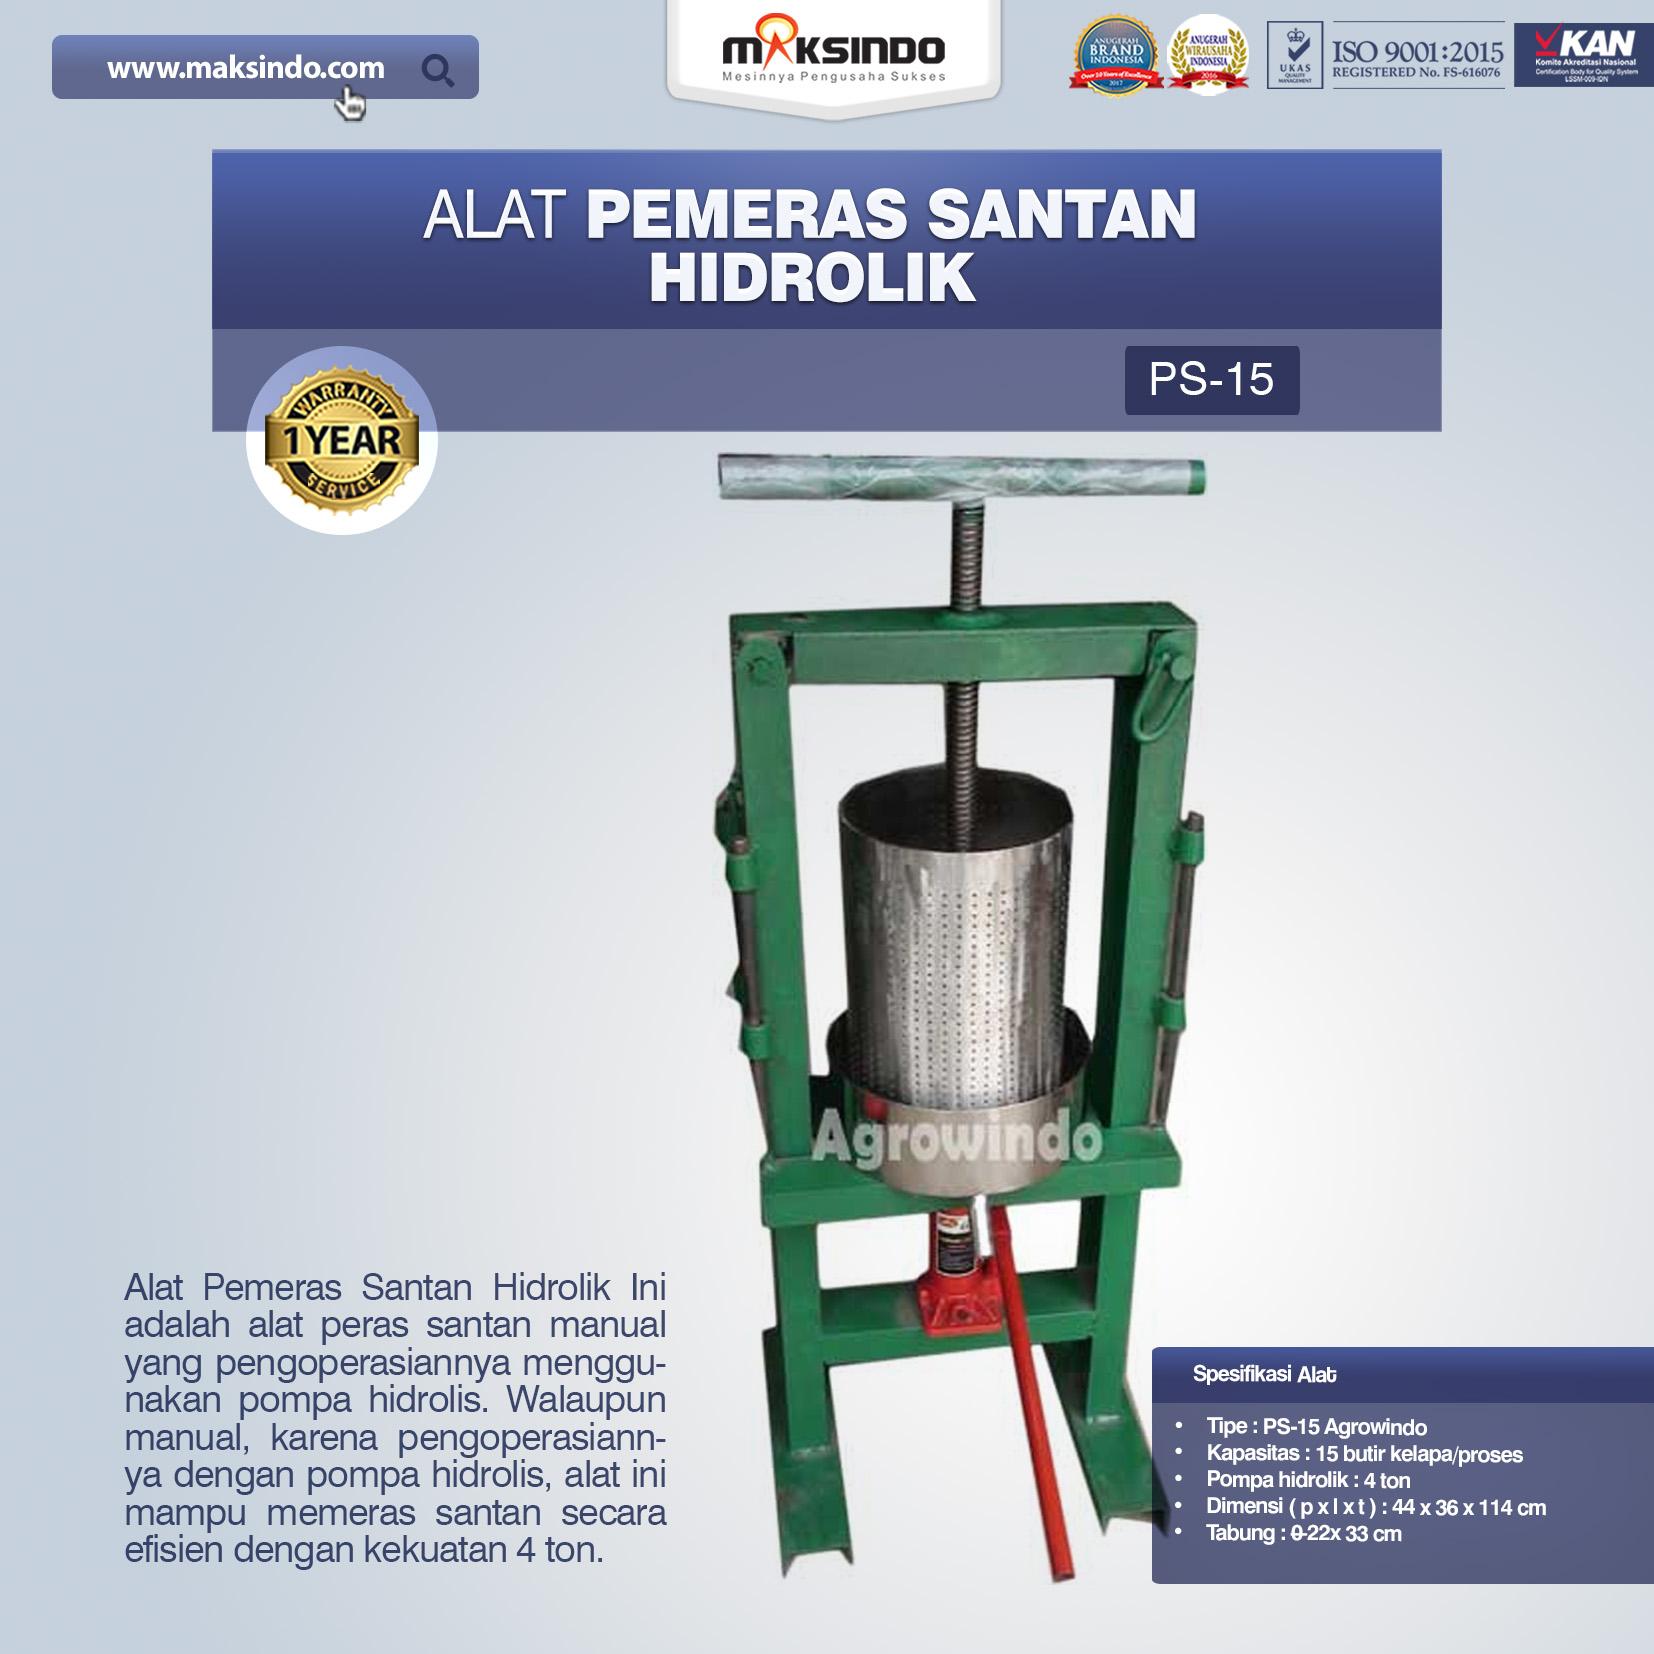 Jual Mesin Pemeras Santan di Palembang